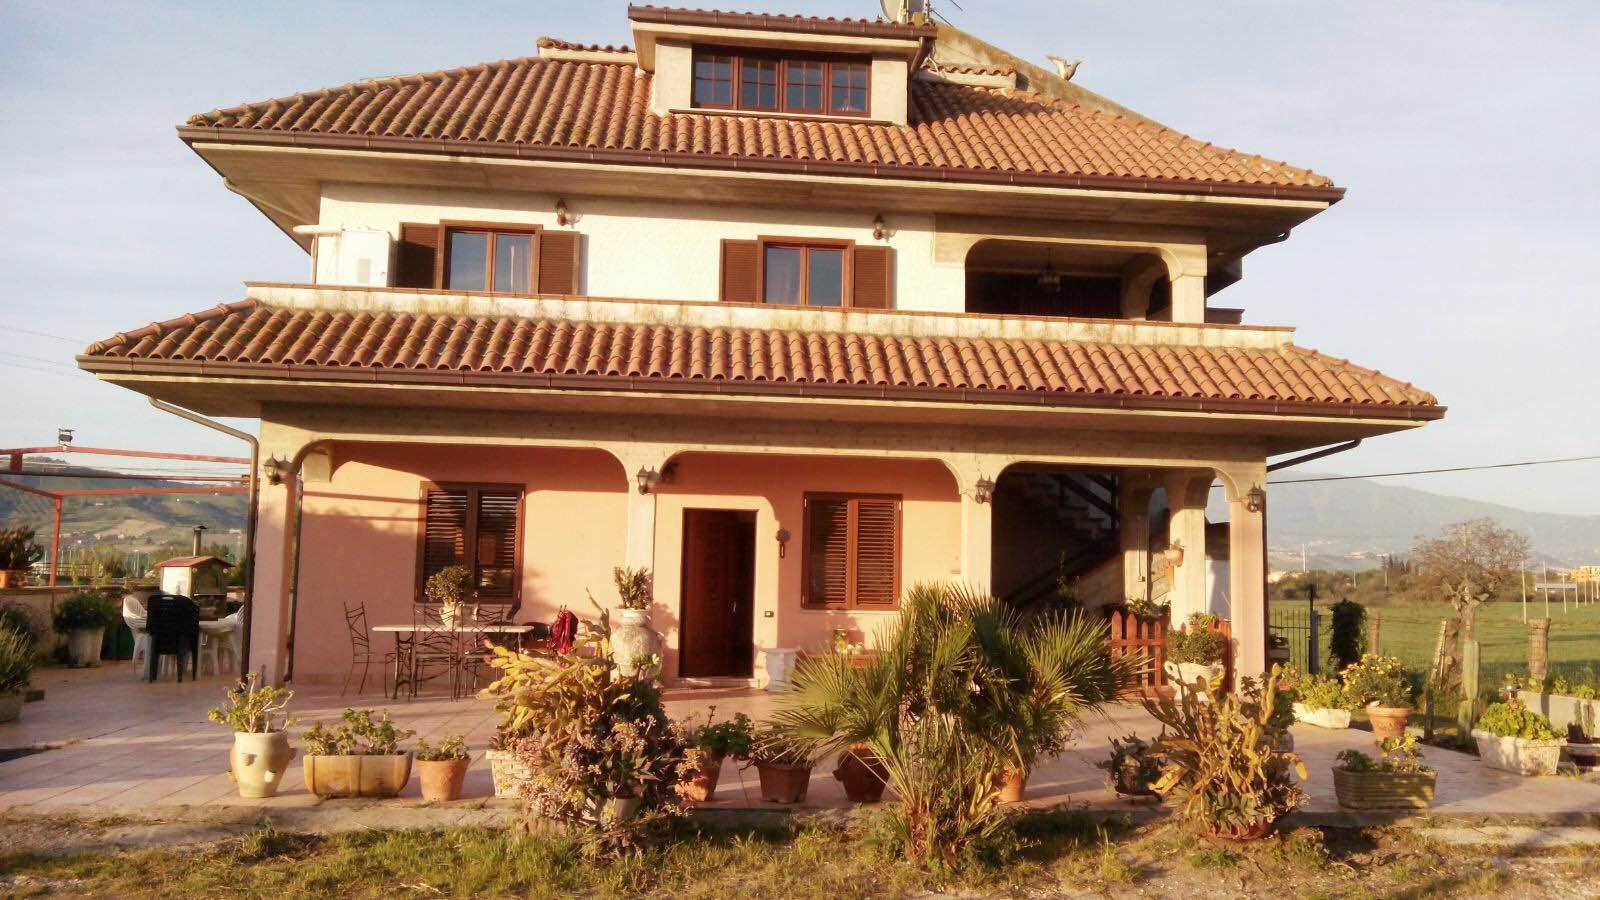 Appartamento in affitto a Spinetoli, 4 locali, zona Località: PagliaredelTronto, prezzo € 500 | Cambio Casa.it